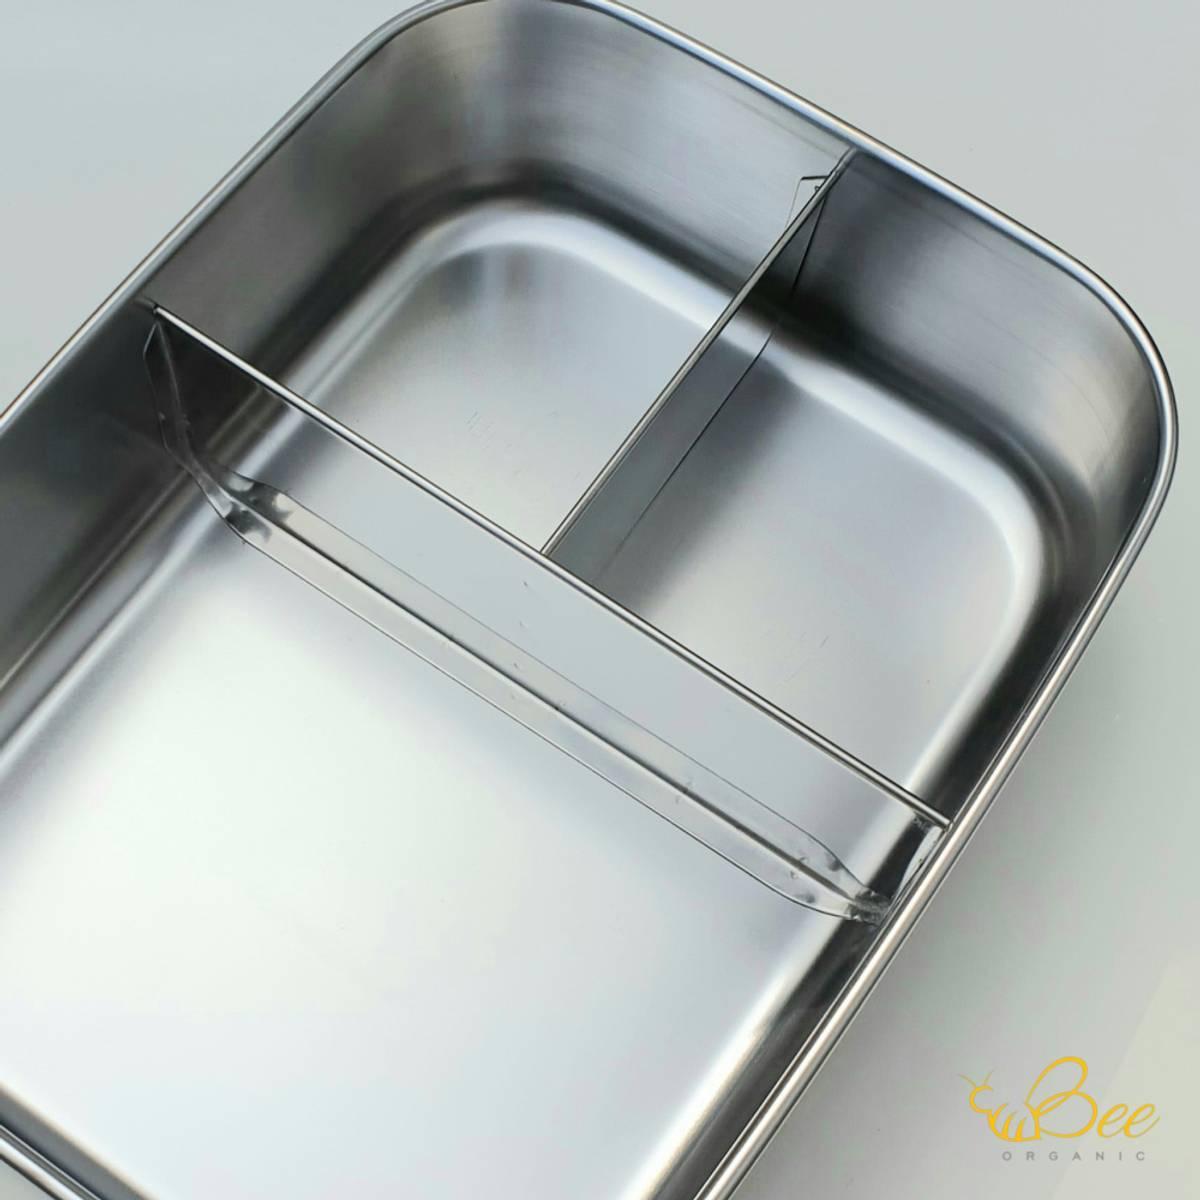 1800 ml matboks i stål med tre rom / BeeOrganic